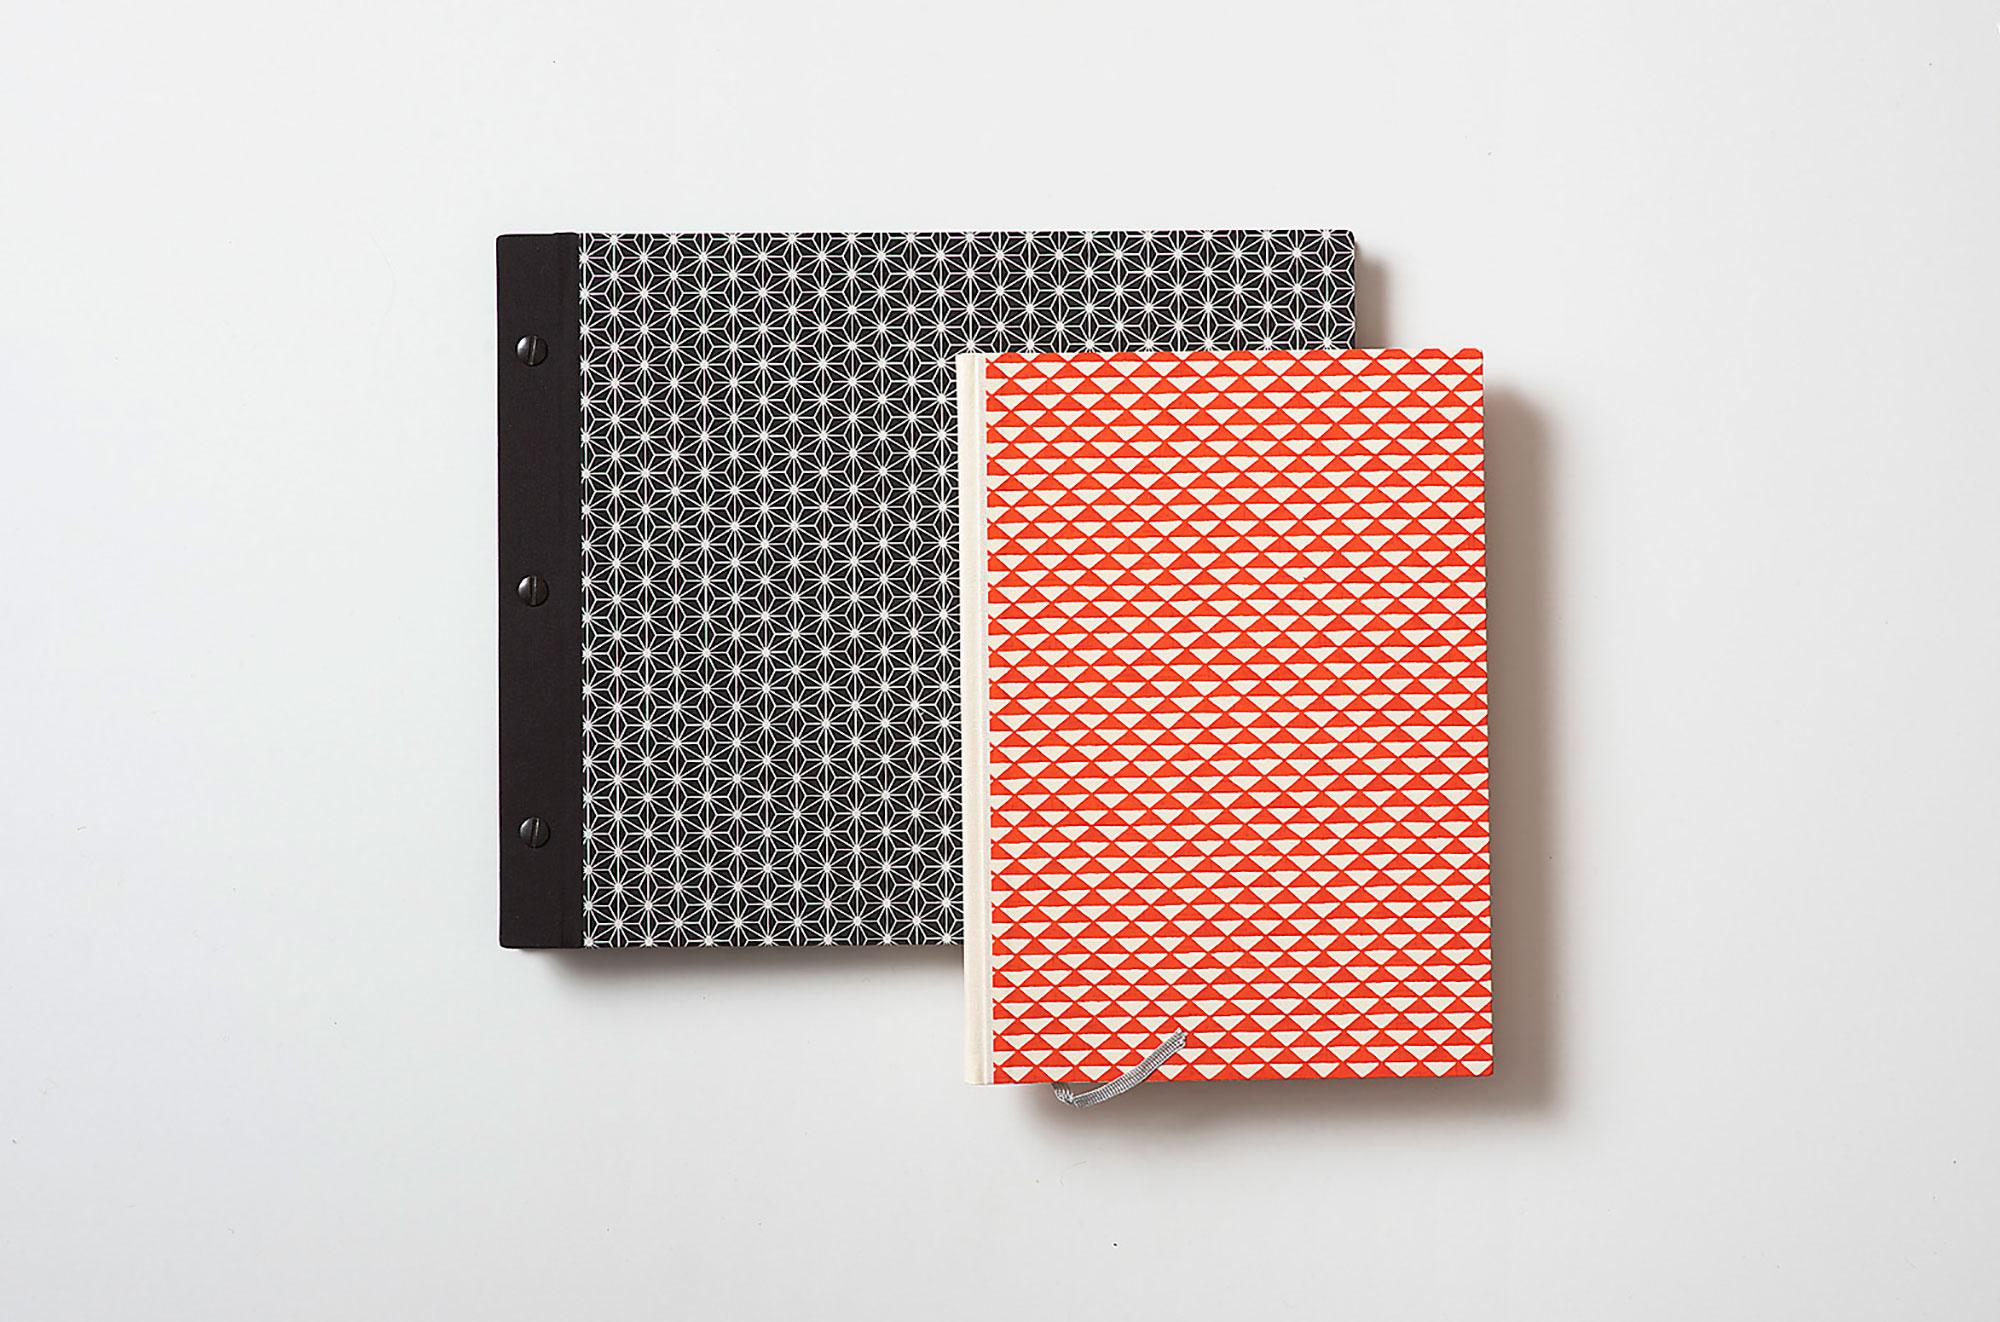 Einbände mit japanischem Papier